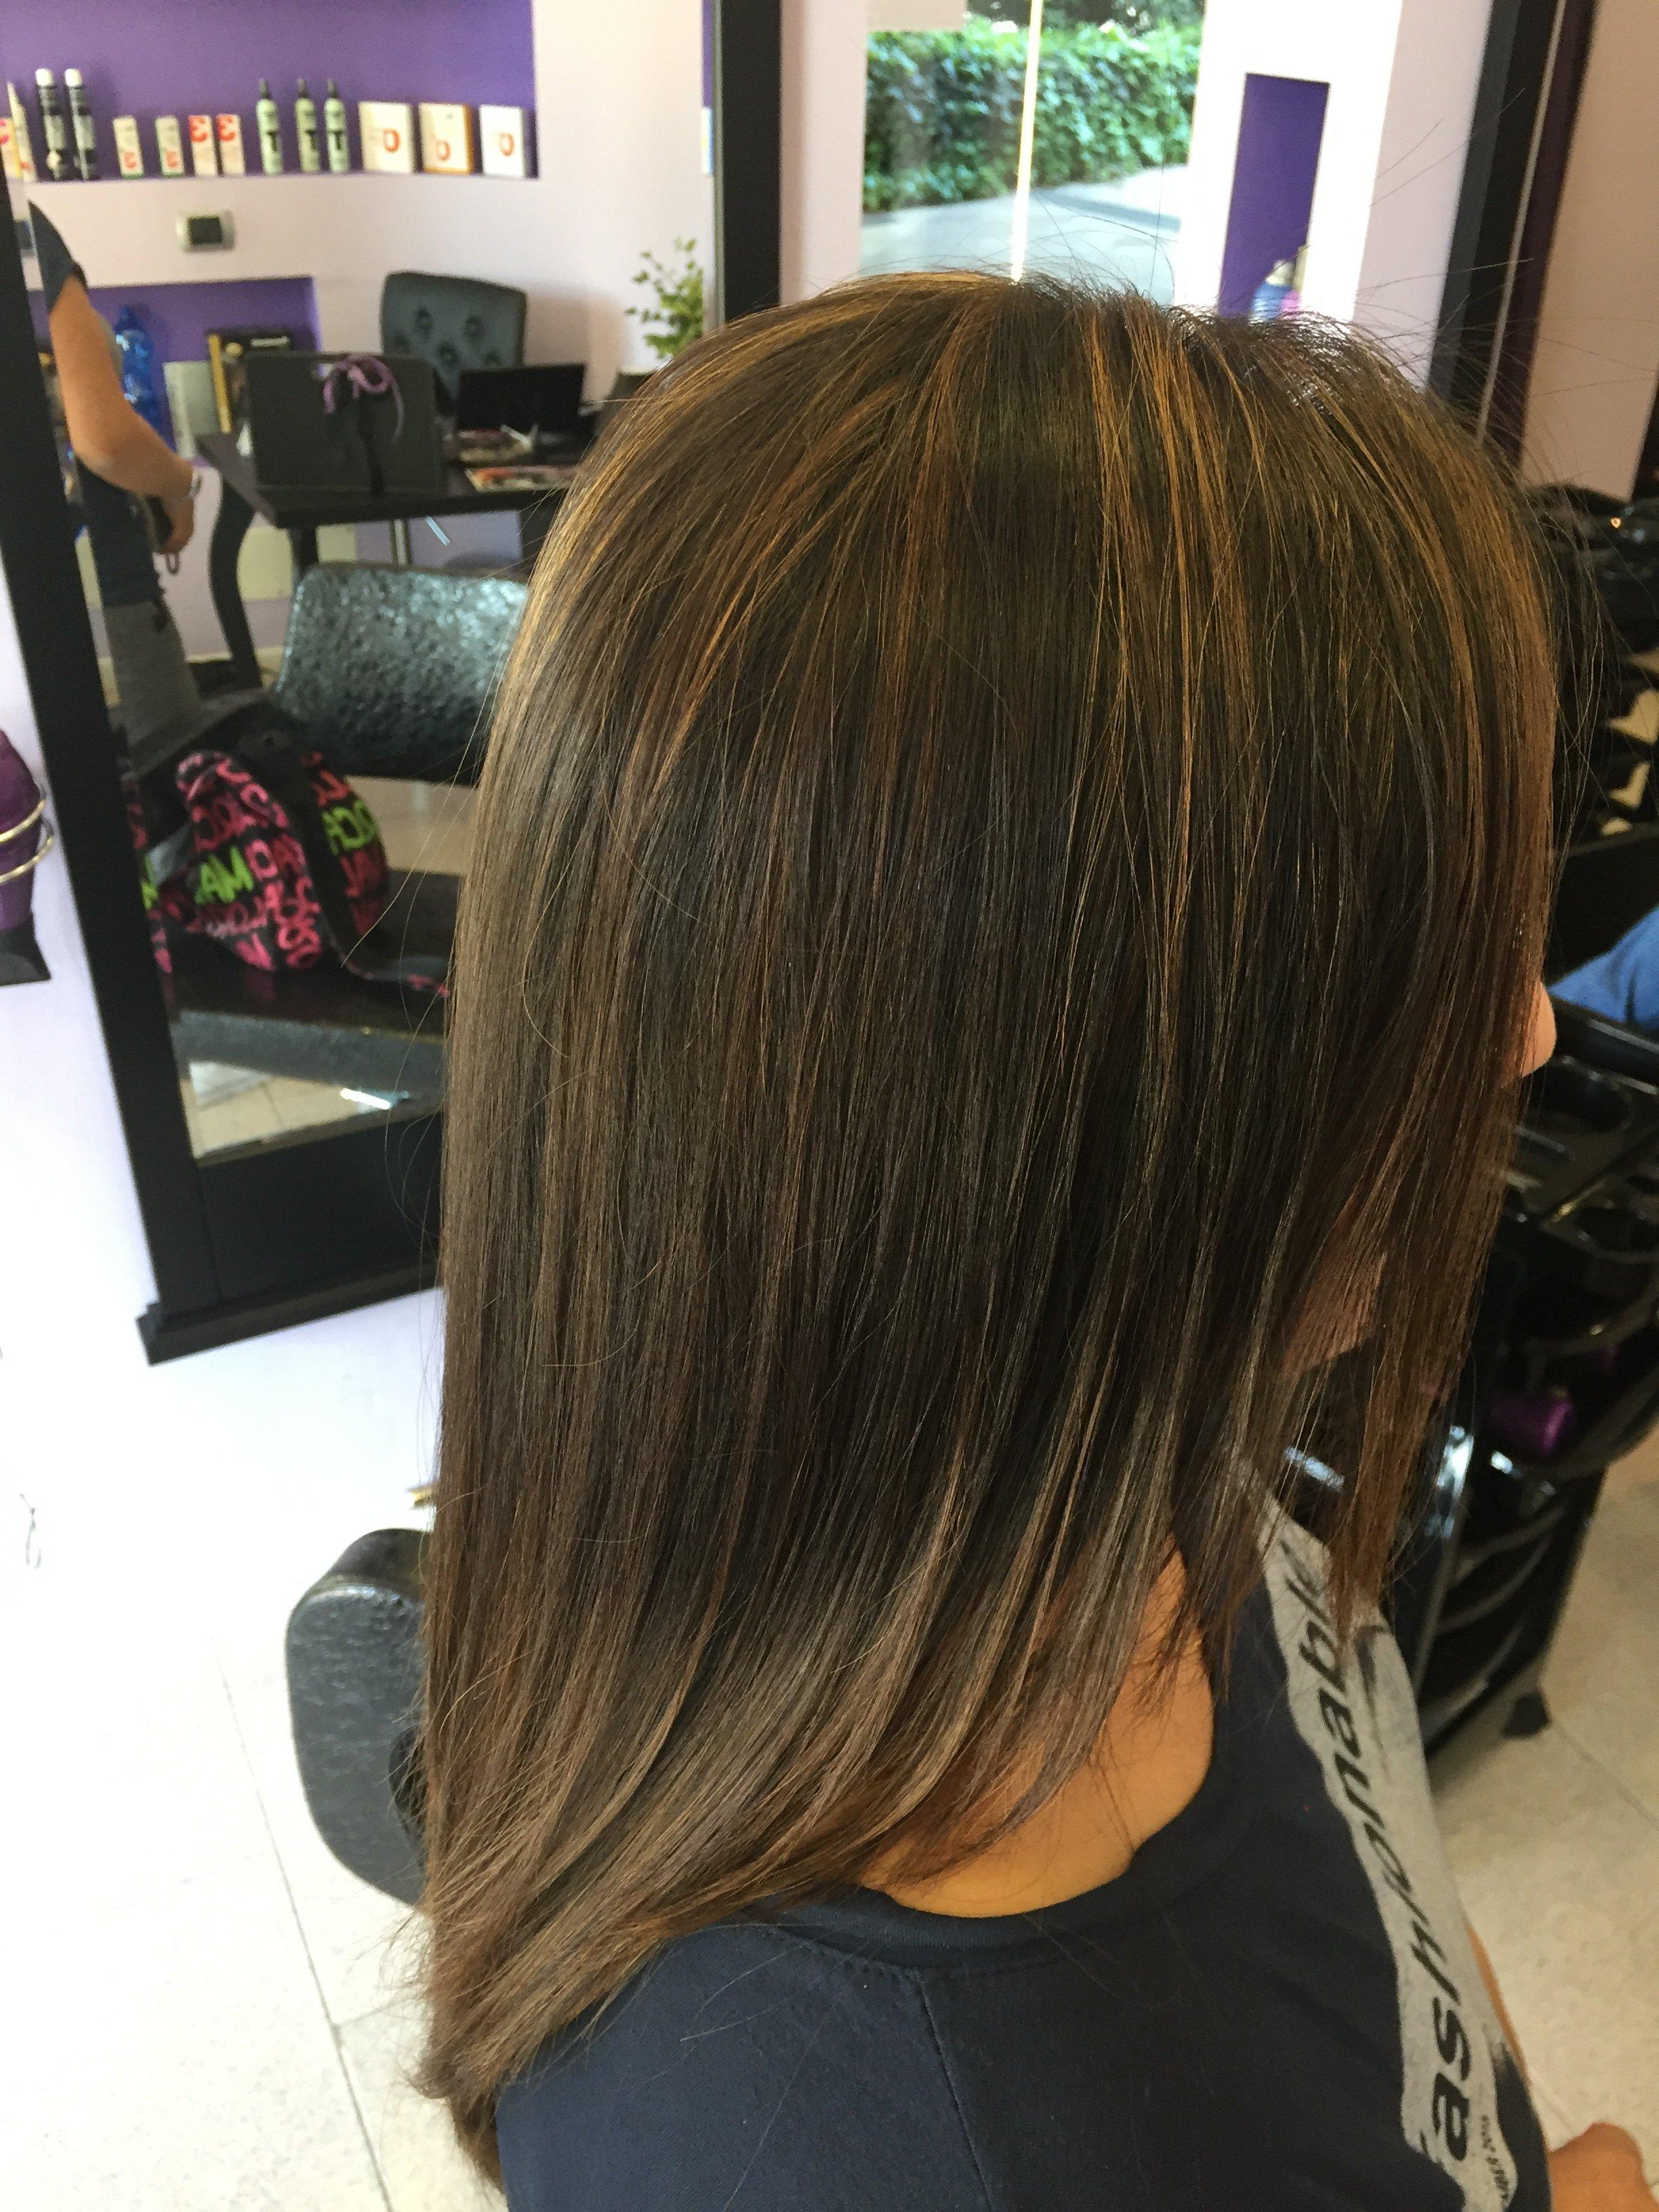 una donna con capelli castani lisci di media lunghezza